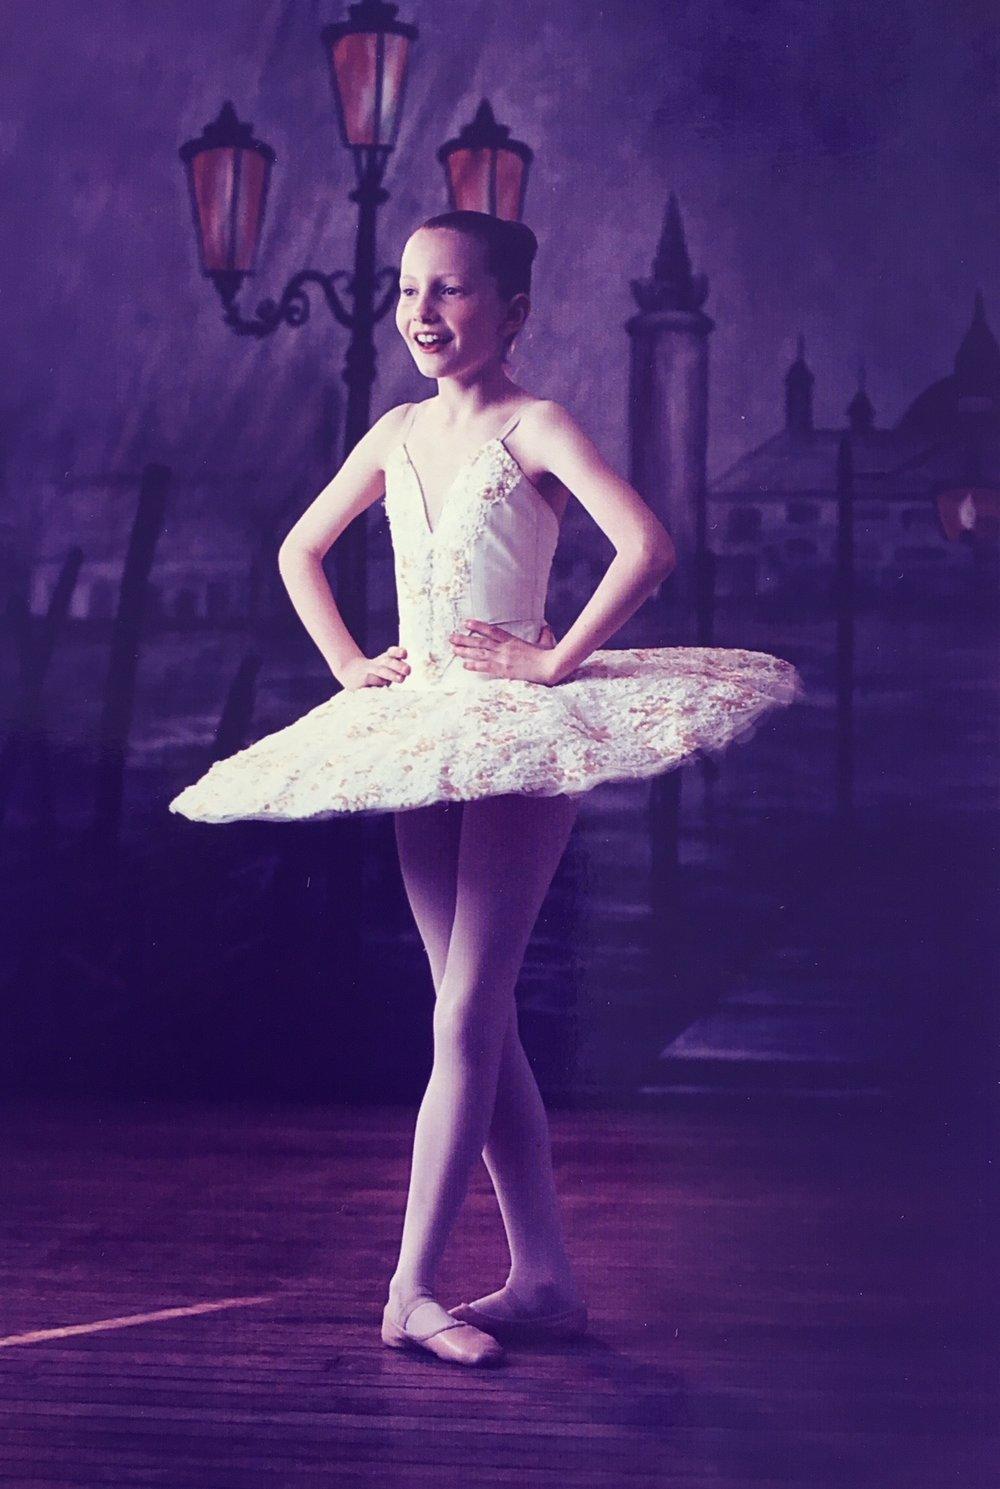 eliza, aged 8